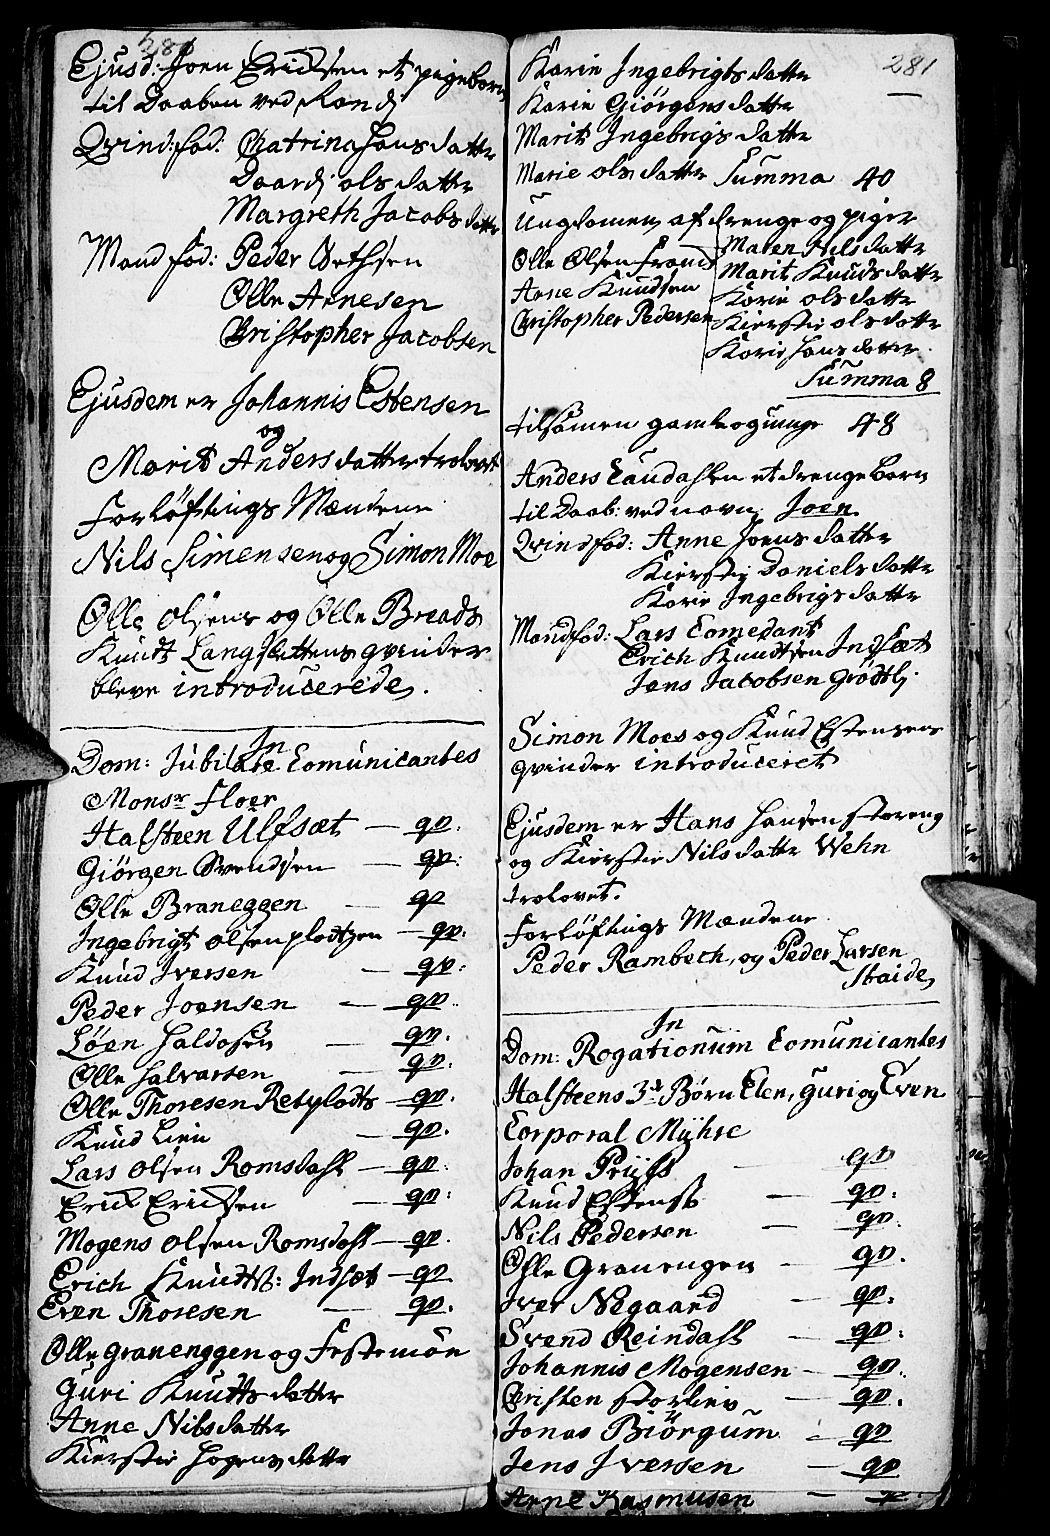 SAH, Kvikne prestekontor, Parish register (official) no. 1, 1740-1756, p. 280-281